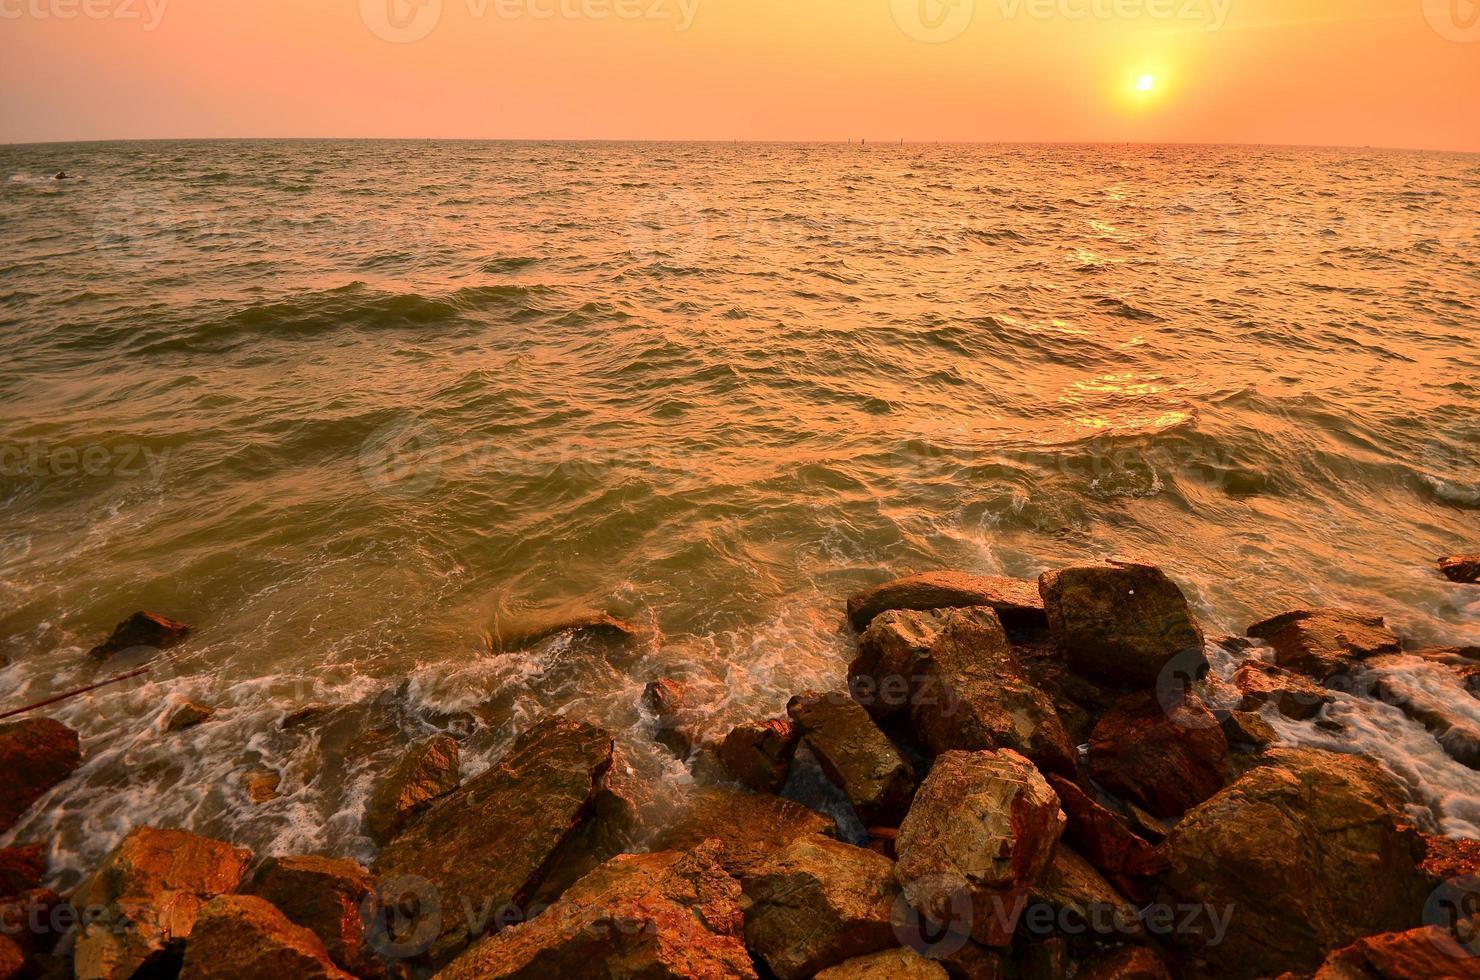 vista do mar no fundo por do sol foto